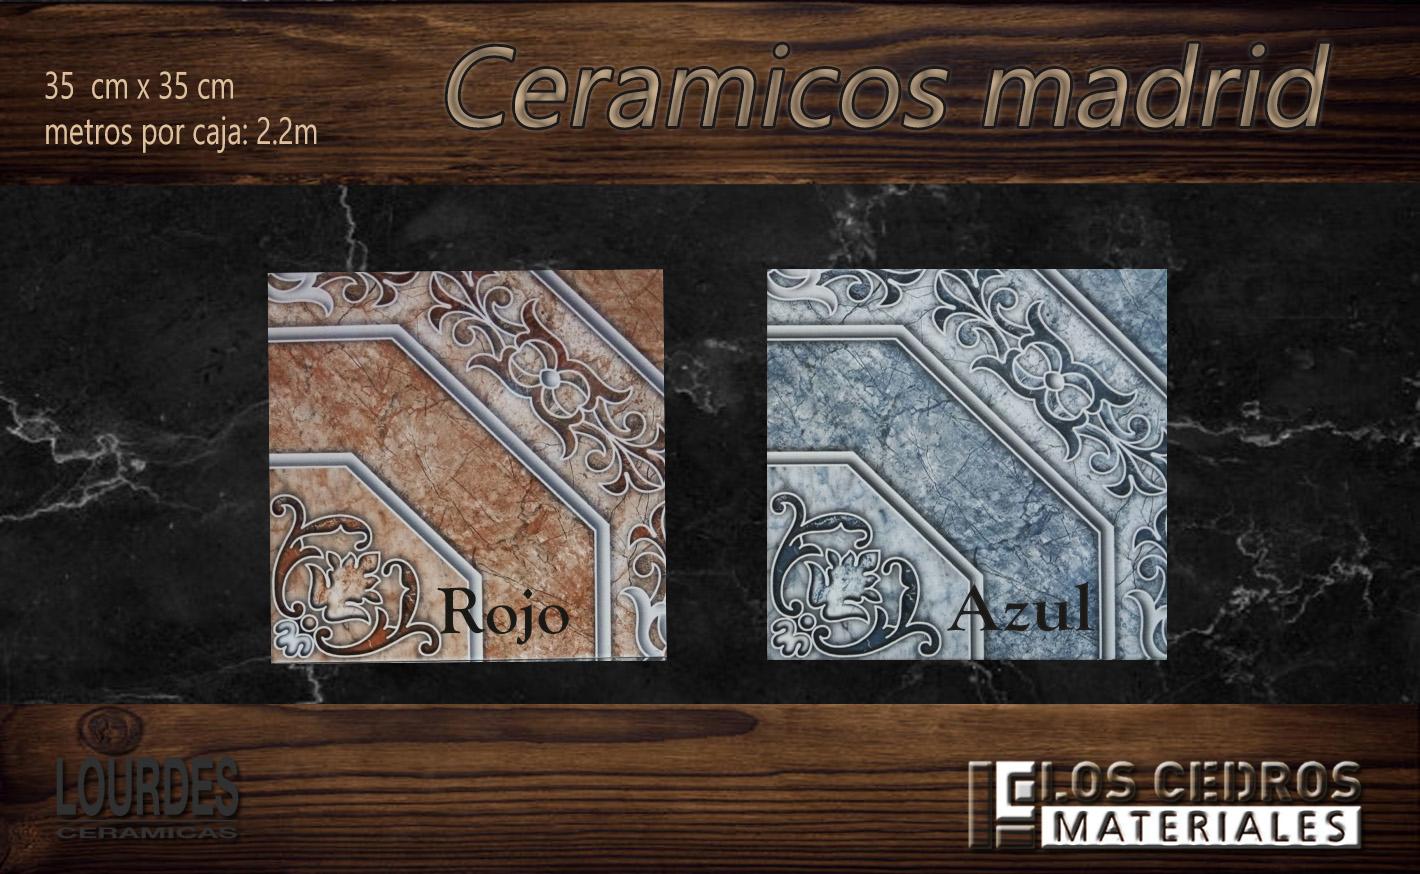 cermicos madrid